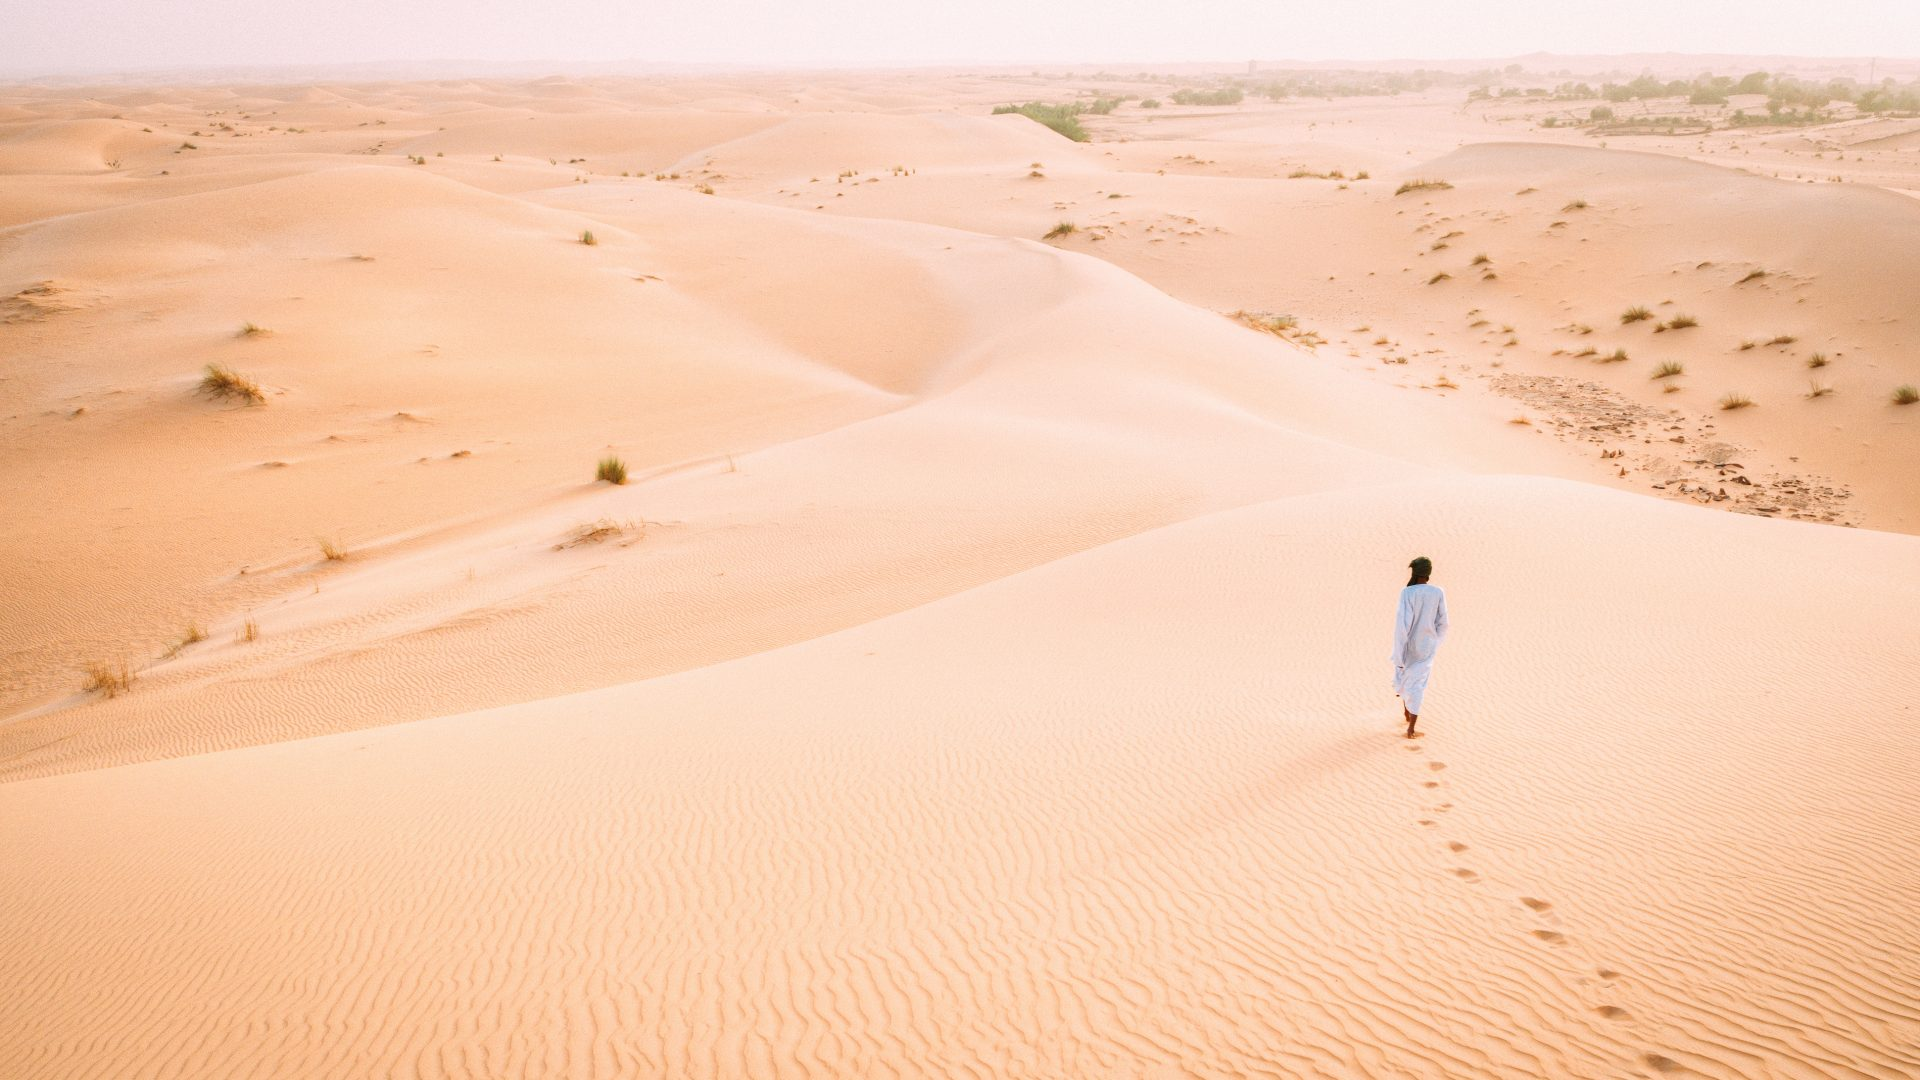 A local Mauritanian man walks into seemingly endless dunes of the Sahara desert.